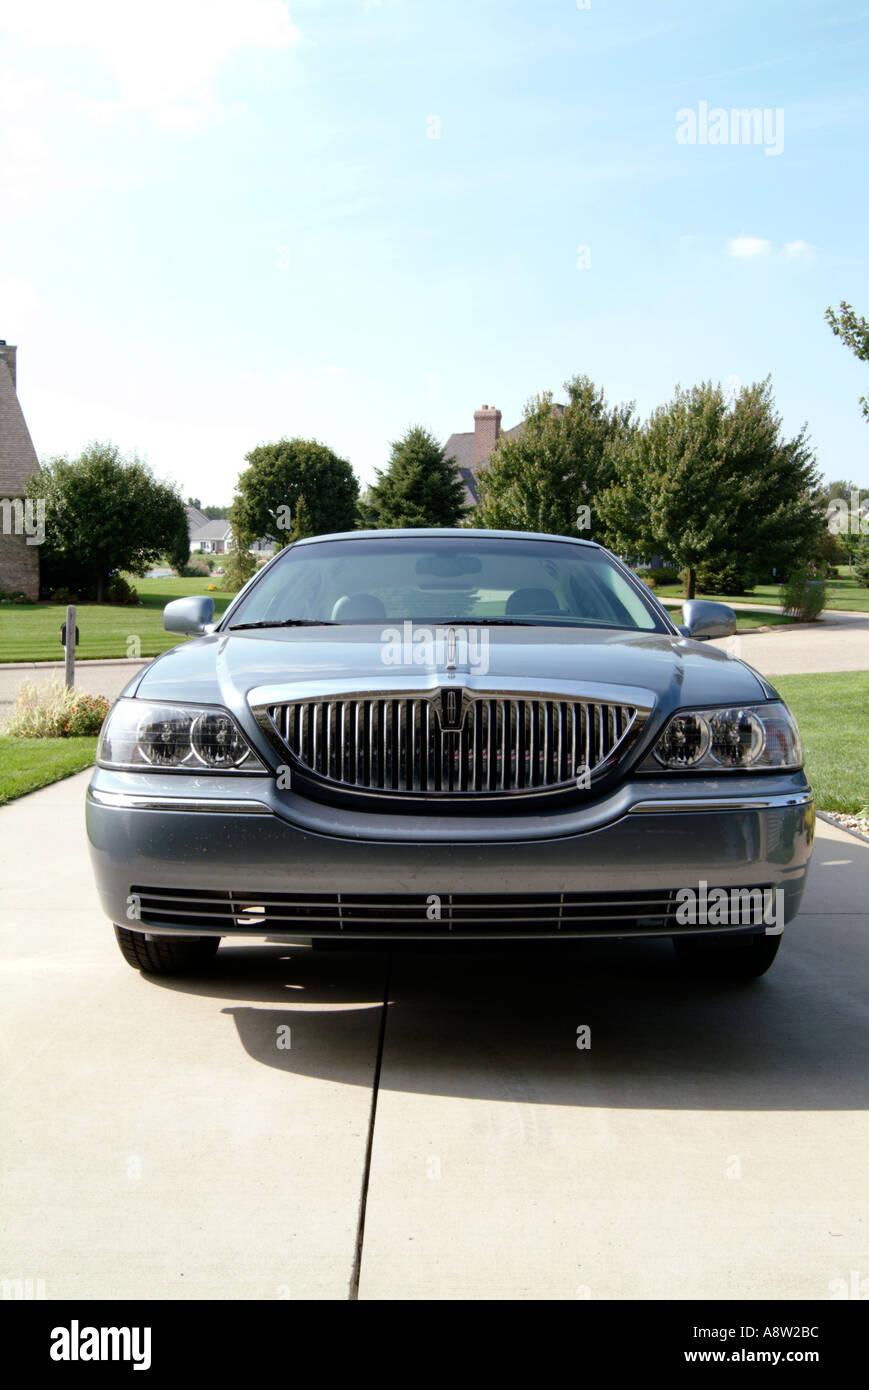 Lincoln Stadt Auto Ford motor Company amerikanisches Auto Gas Guzzler große Limousine grill uns Usa Statussymbol Symbol Absichtserklärung Luxus Stockbild